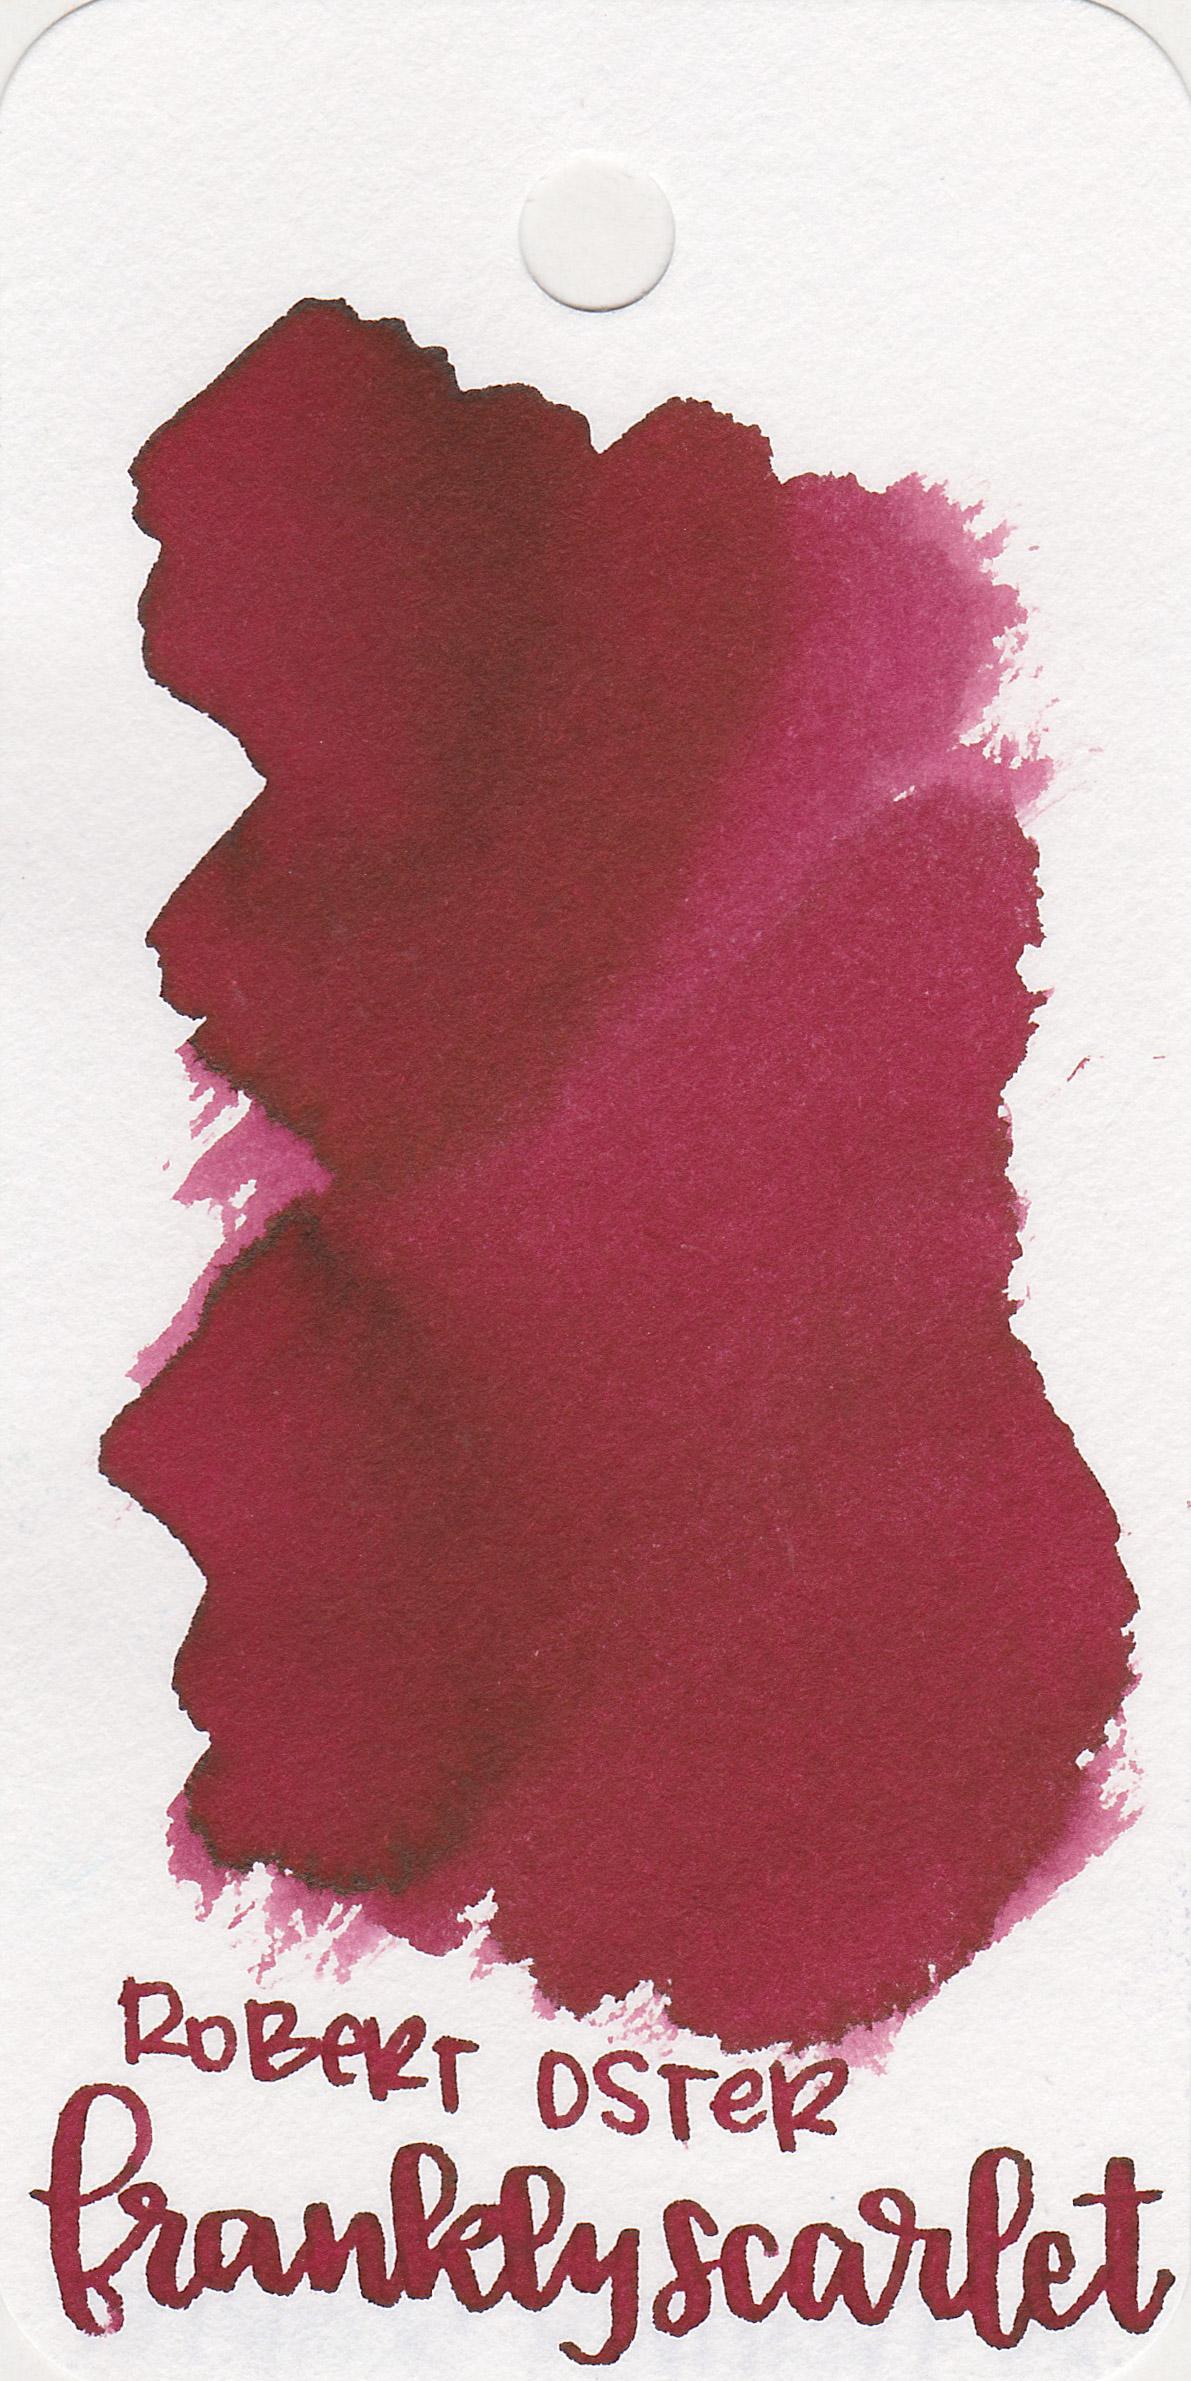 ro-frankly-scarlet-1.jpg